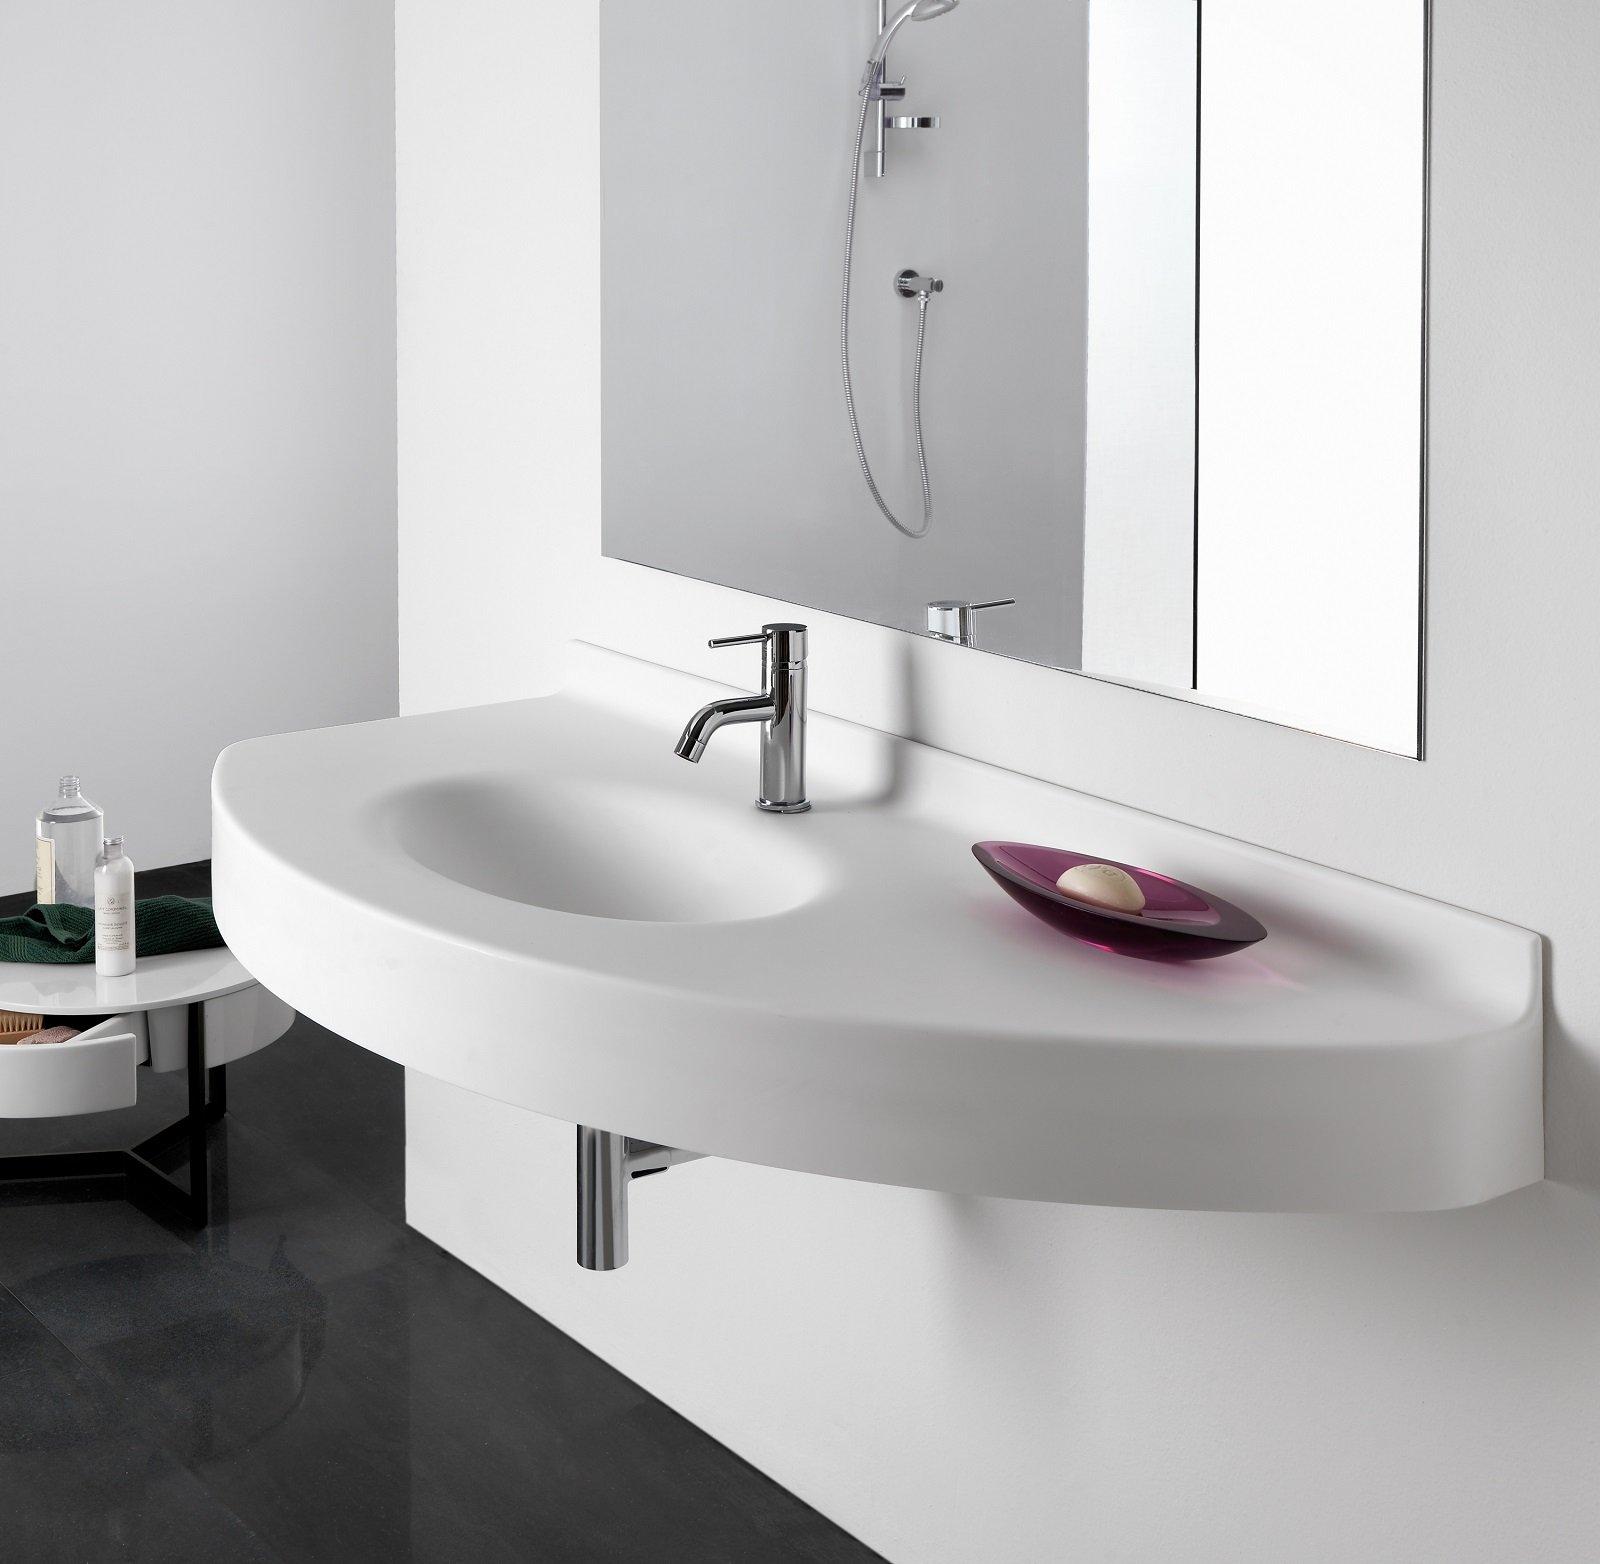 con o senza semicolonna il lavabo sospeso regala pi spazio. Black Bedroom Furniture Sets. Home Design Ideas